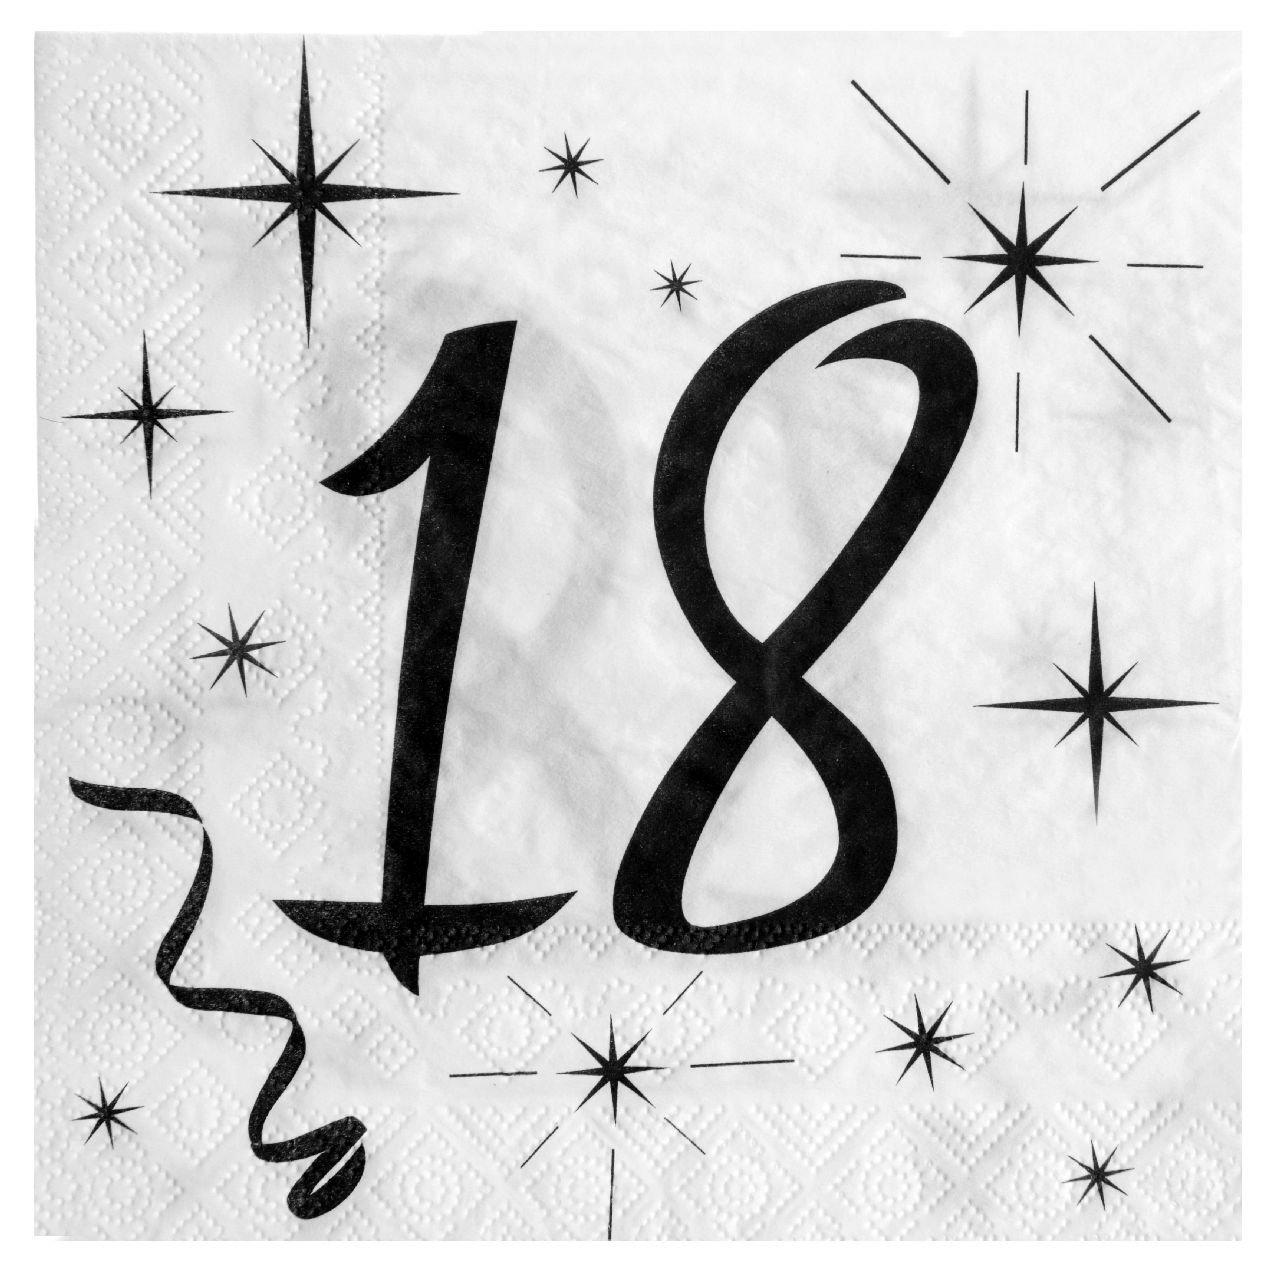 18. Geburtstag Servietten schwarz weiß